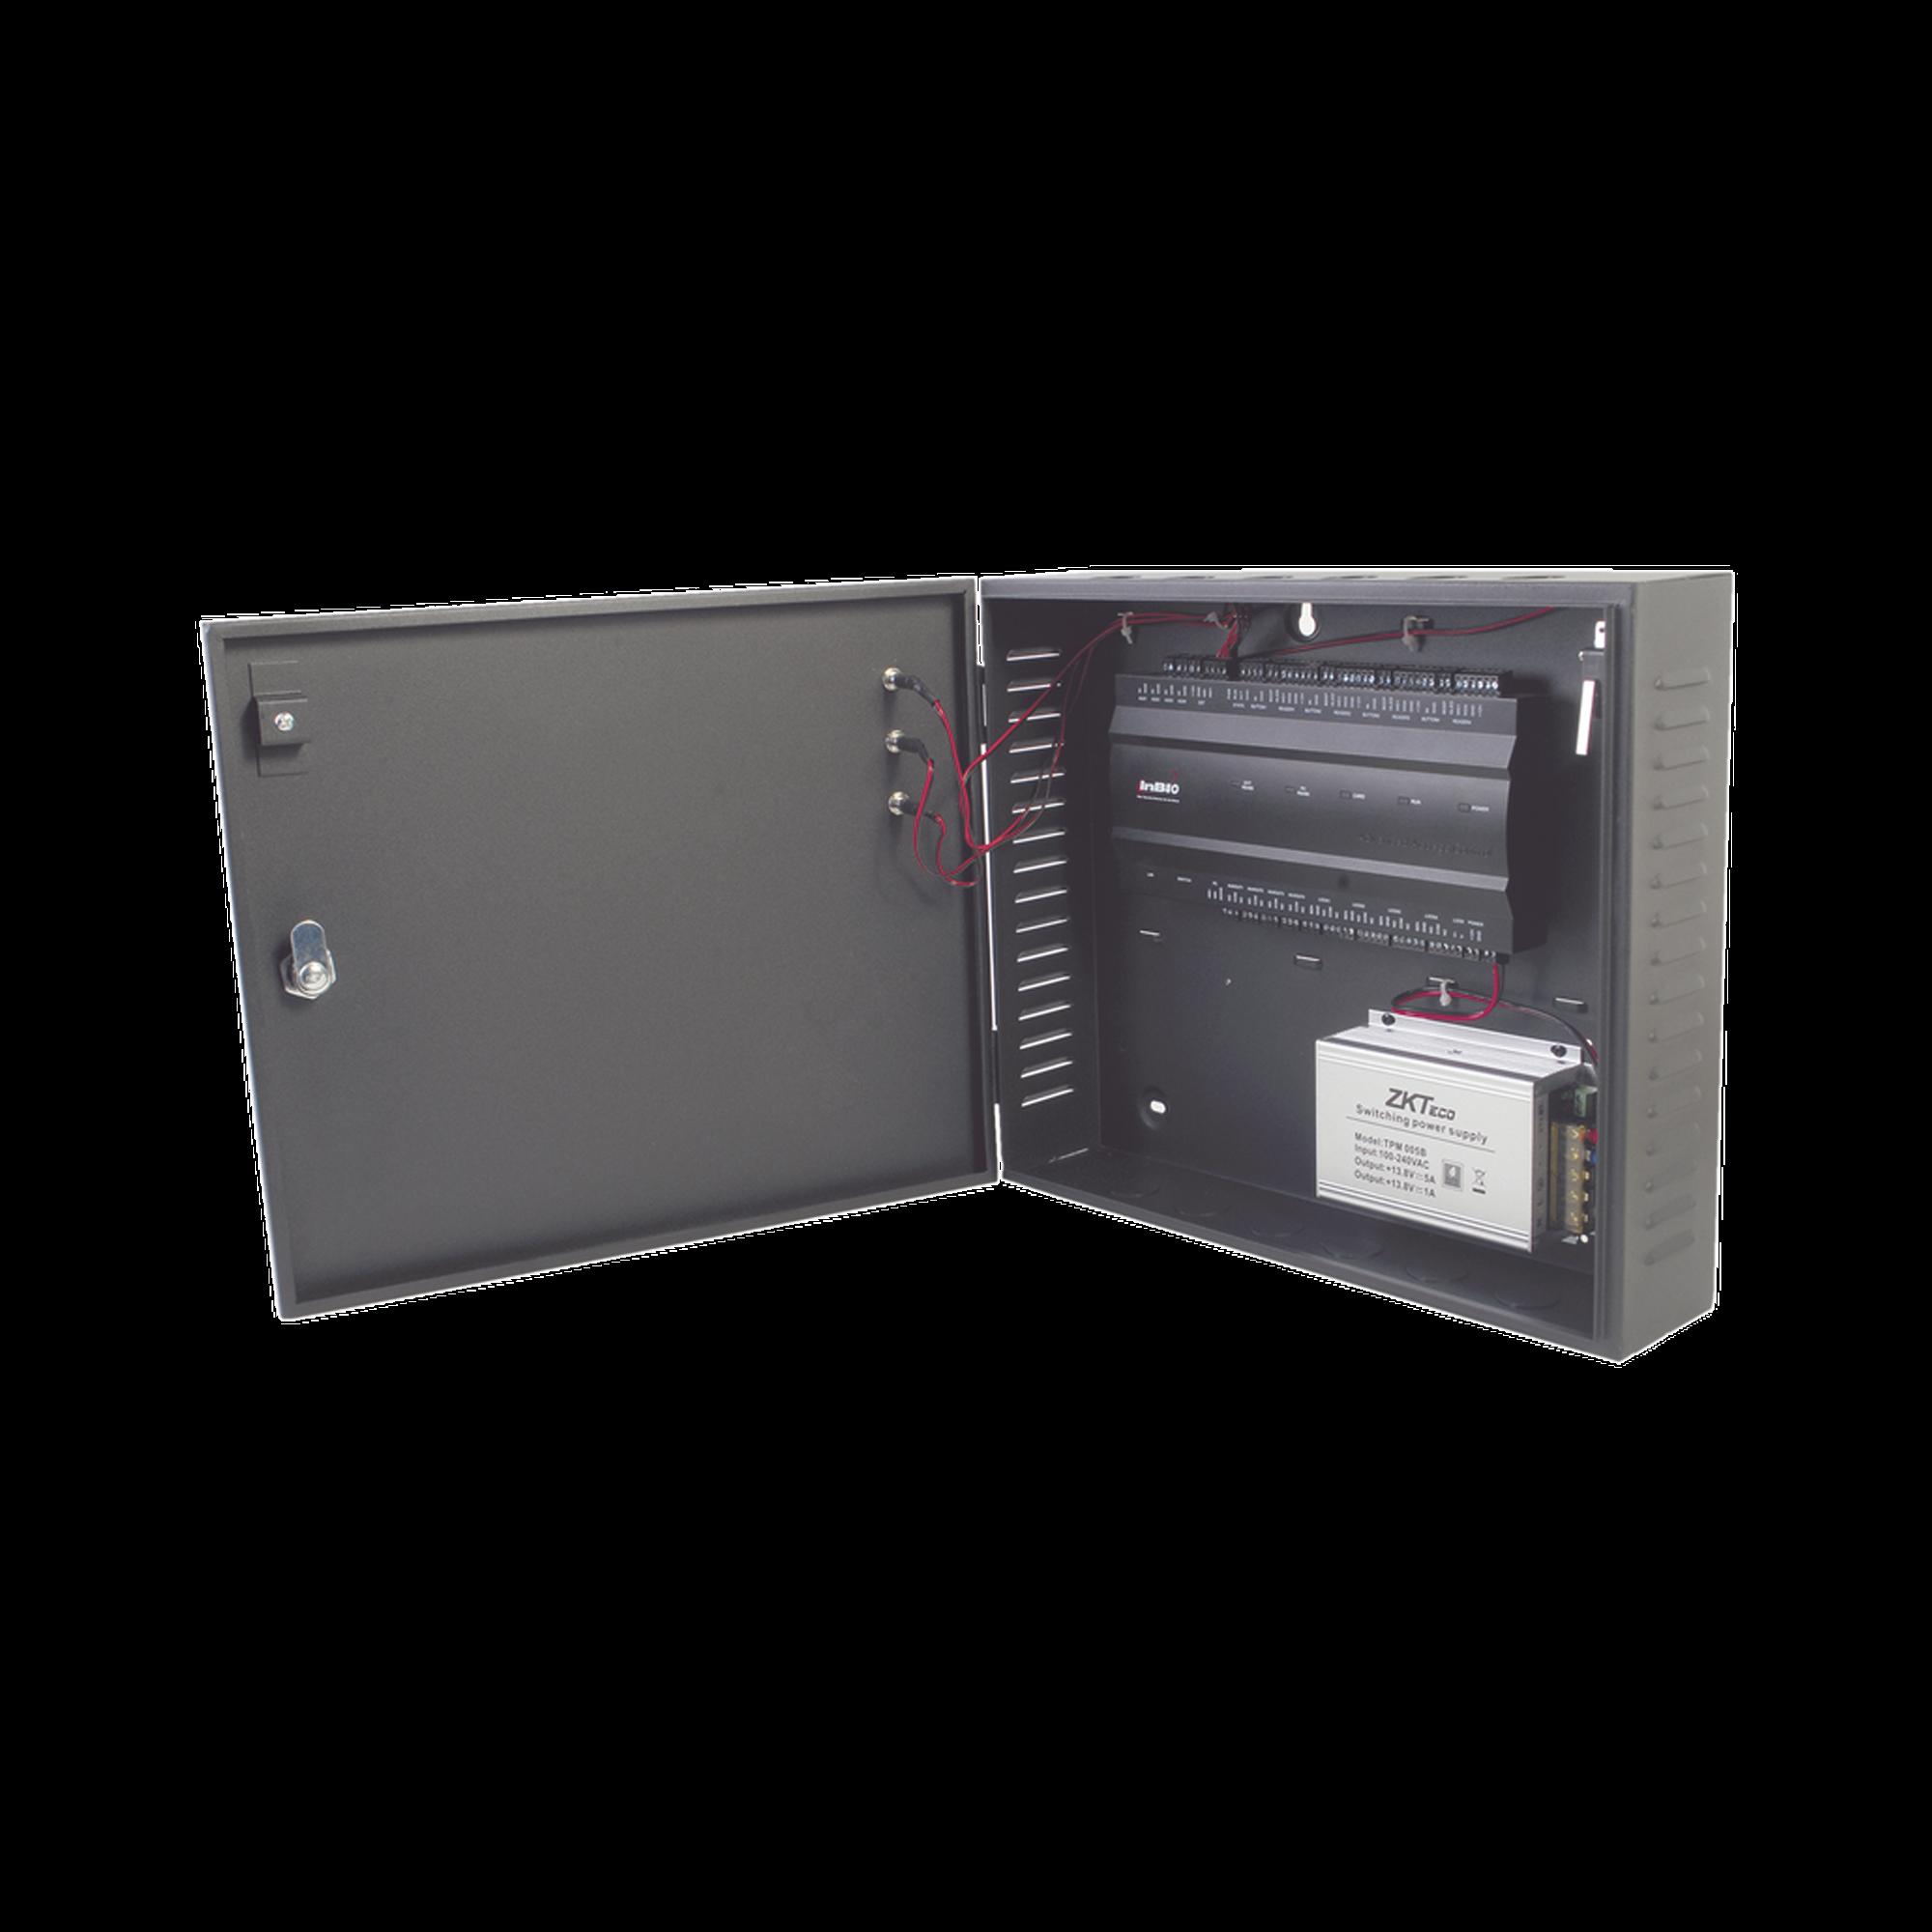 Controlador de acceso / 4 PUERTAS / Biometría Integrada / Hasta 3,000 Huellas / 30,000 Tarjetas / Incluye Gabinete y Fuente de Alimentación 12VCD/5A